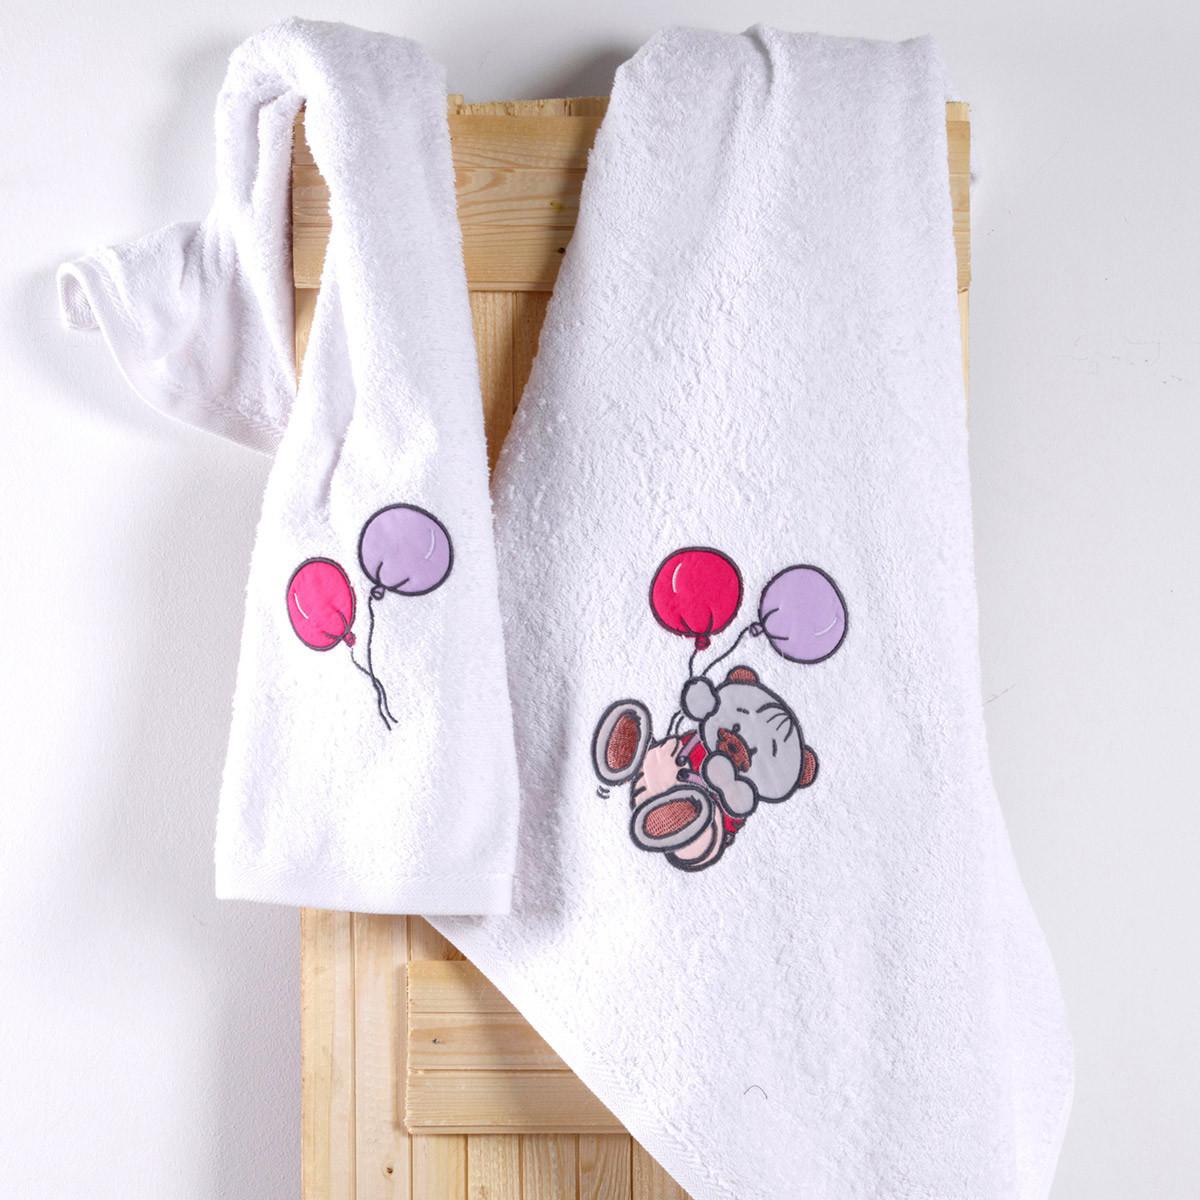 Βρεφικές Πετσέτες (Σετ 2τμχ) Sb Home Baby Arturo Pink